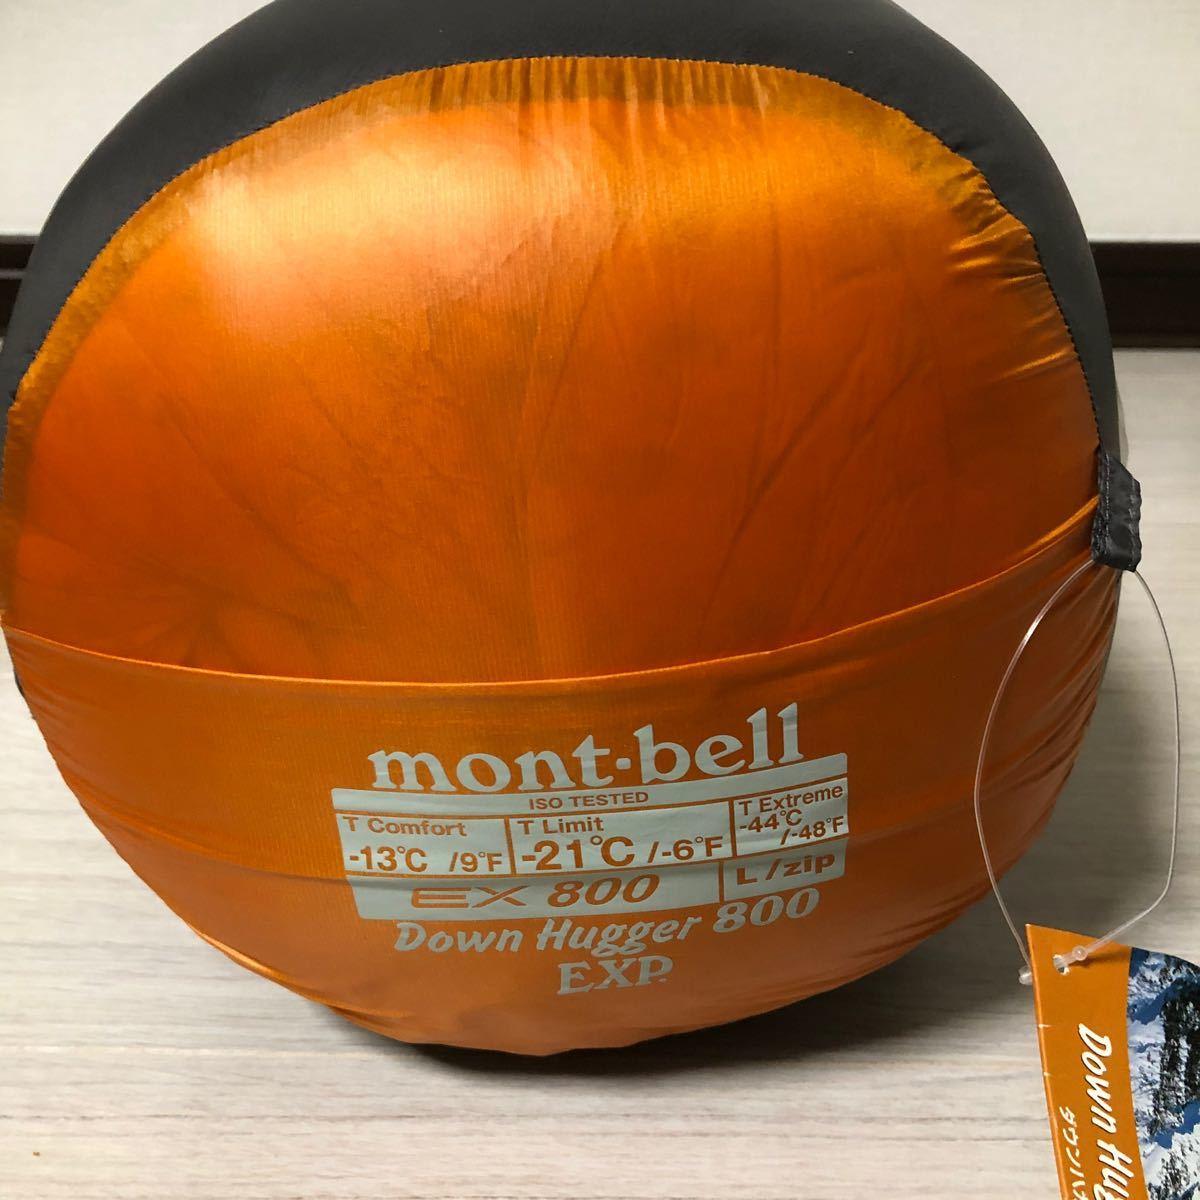 モンベル mont-bell モンベルダウンハガー800